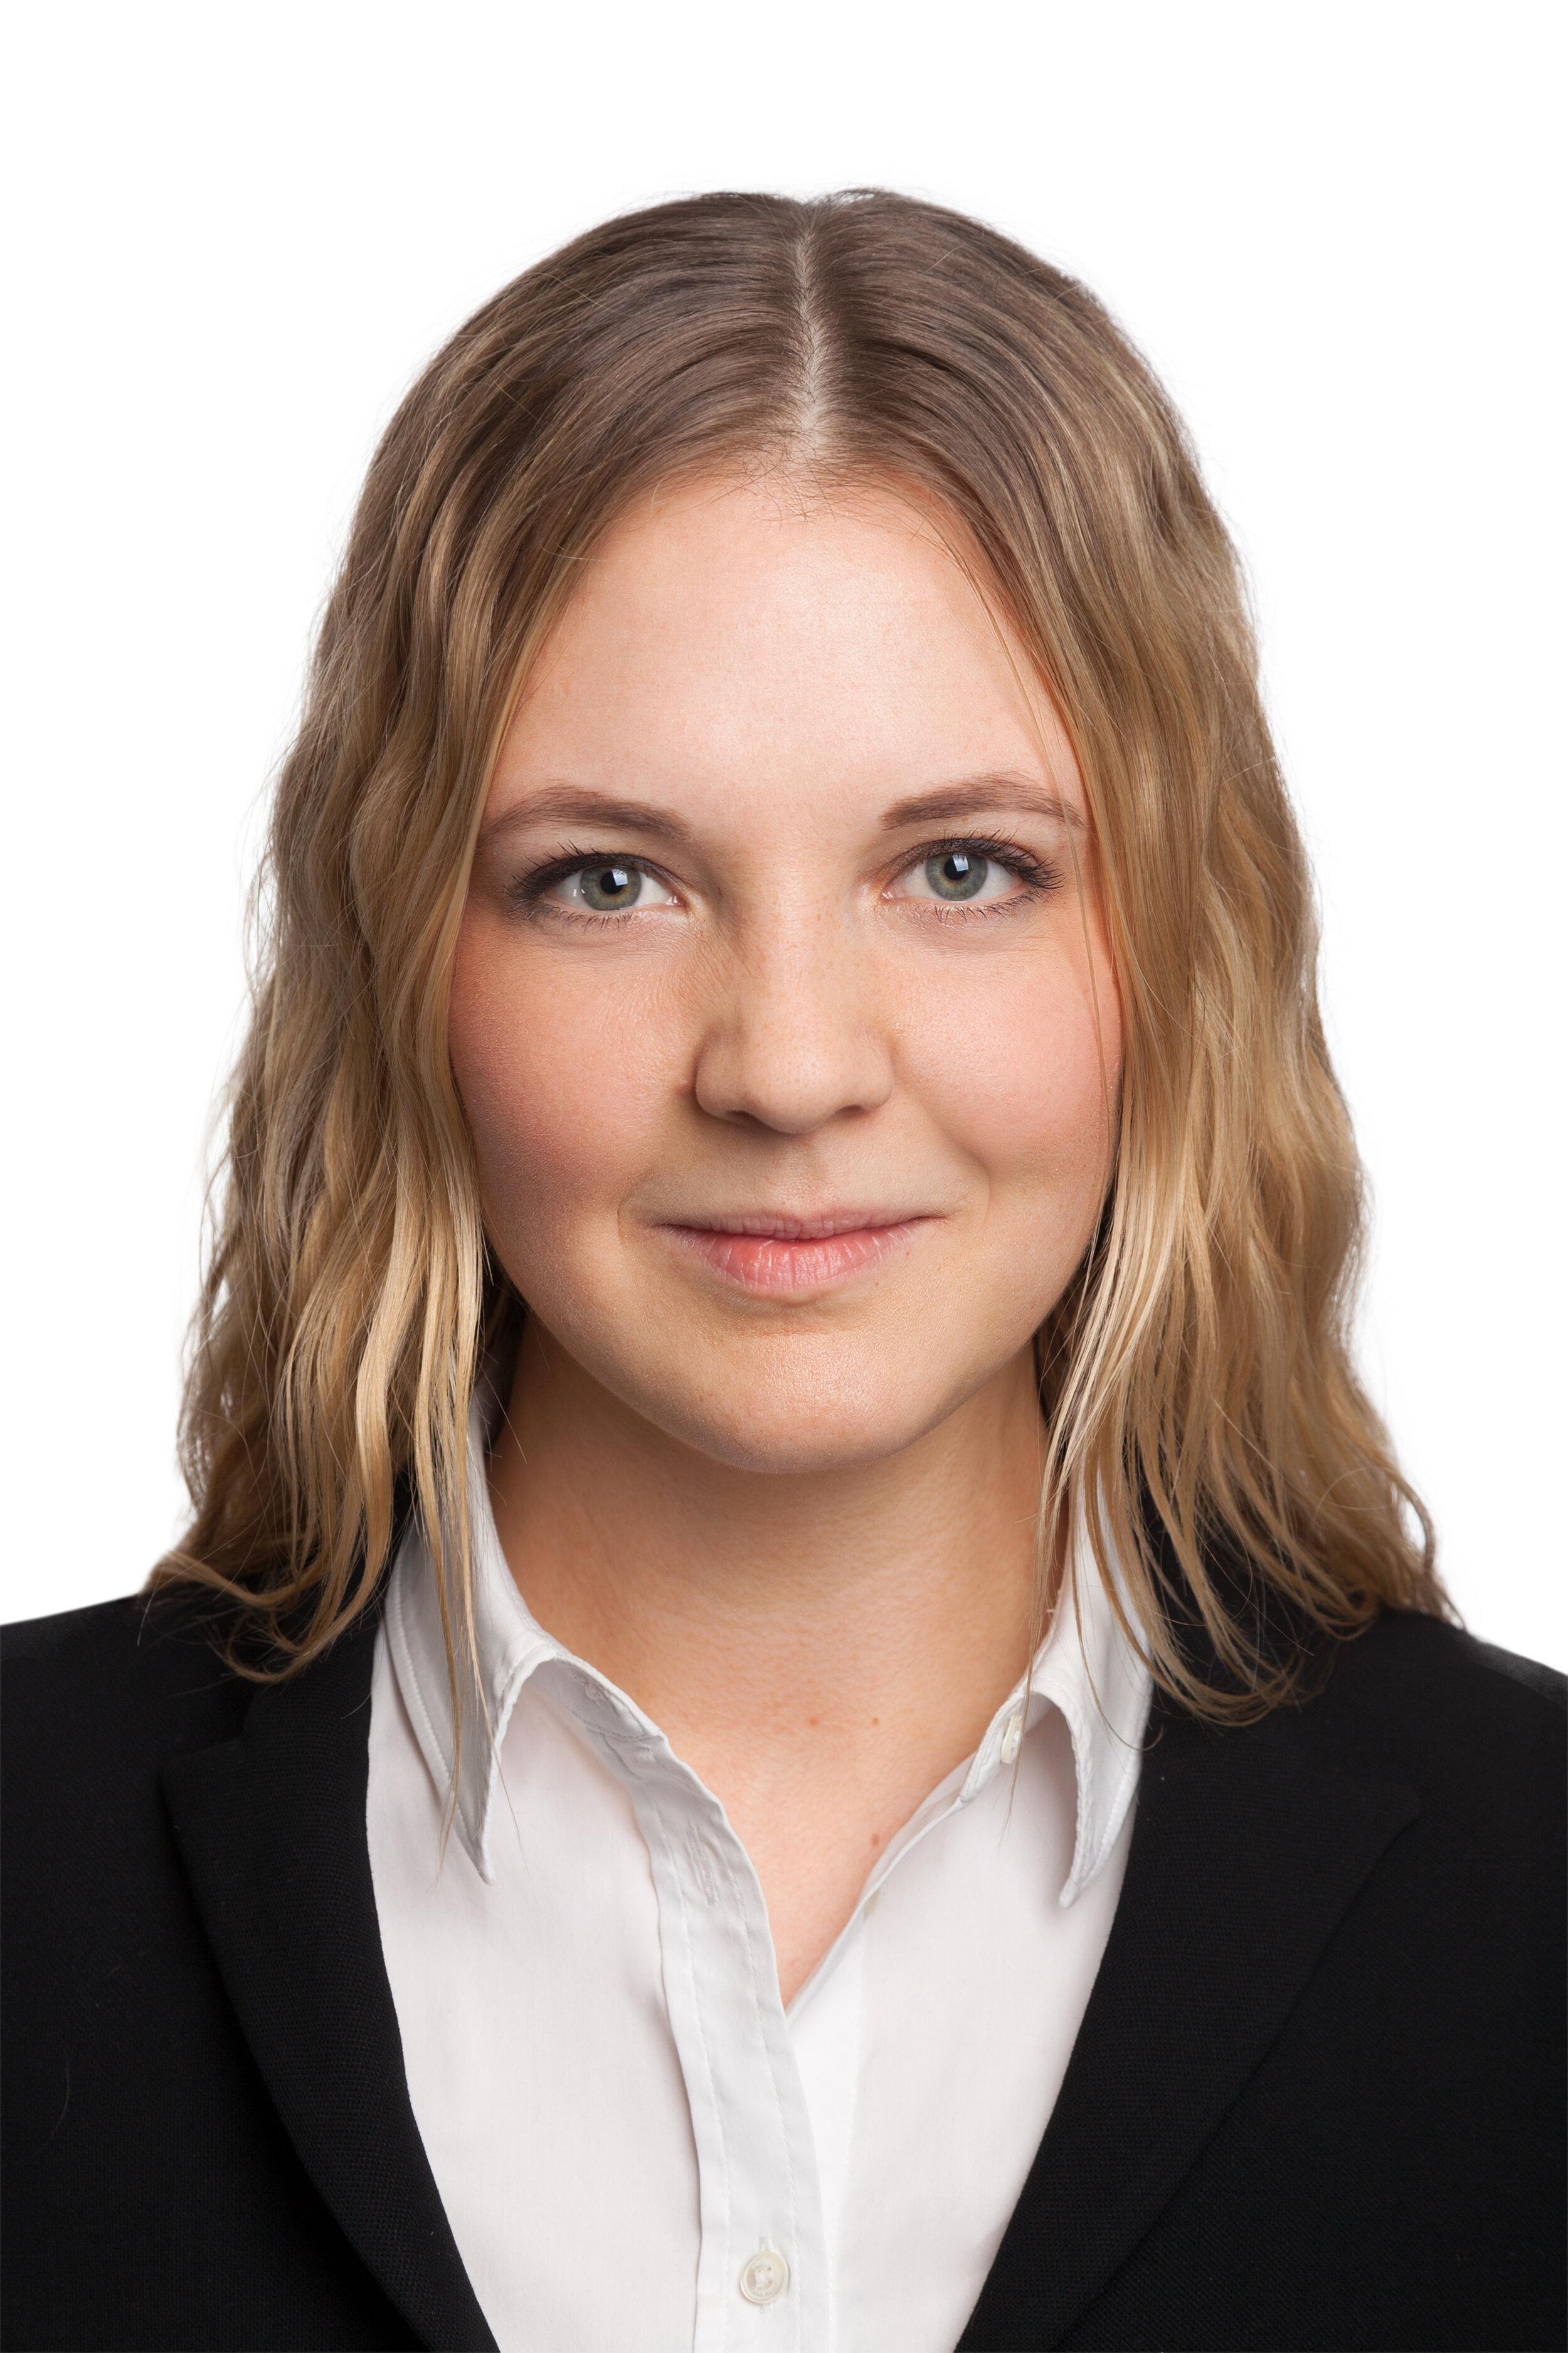 Doreen Helmig - CEO, Senior Beraterin